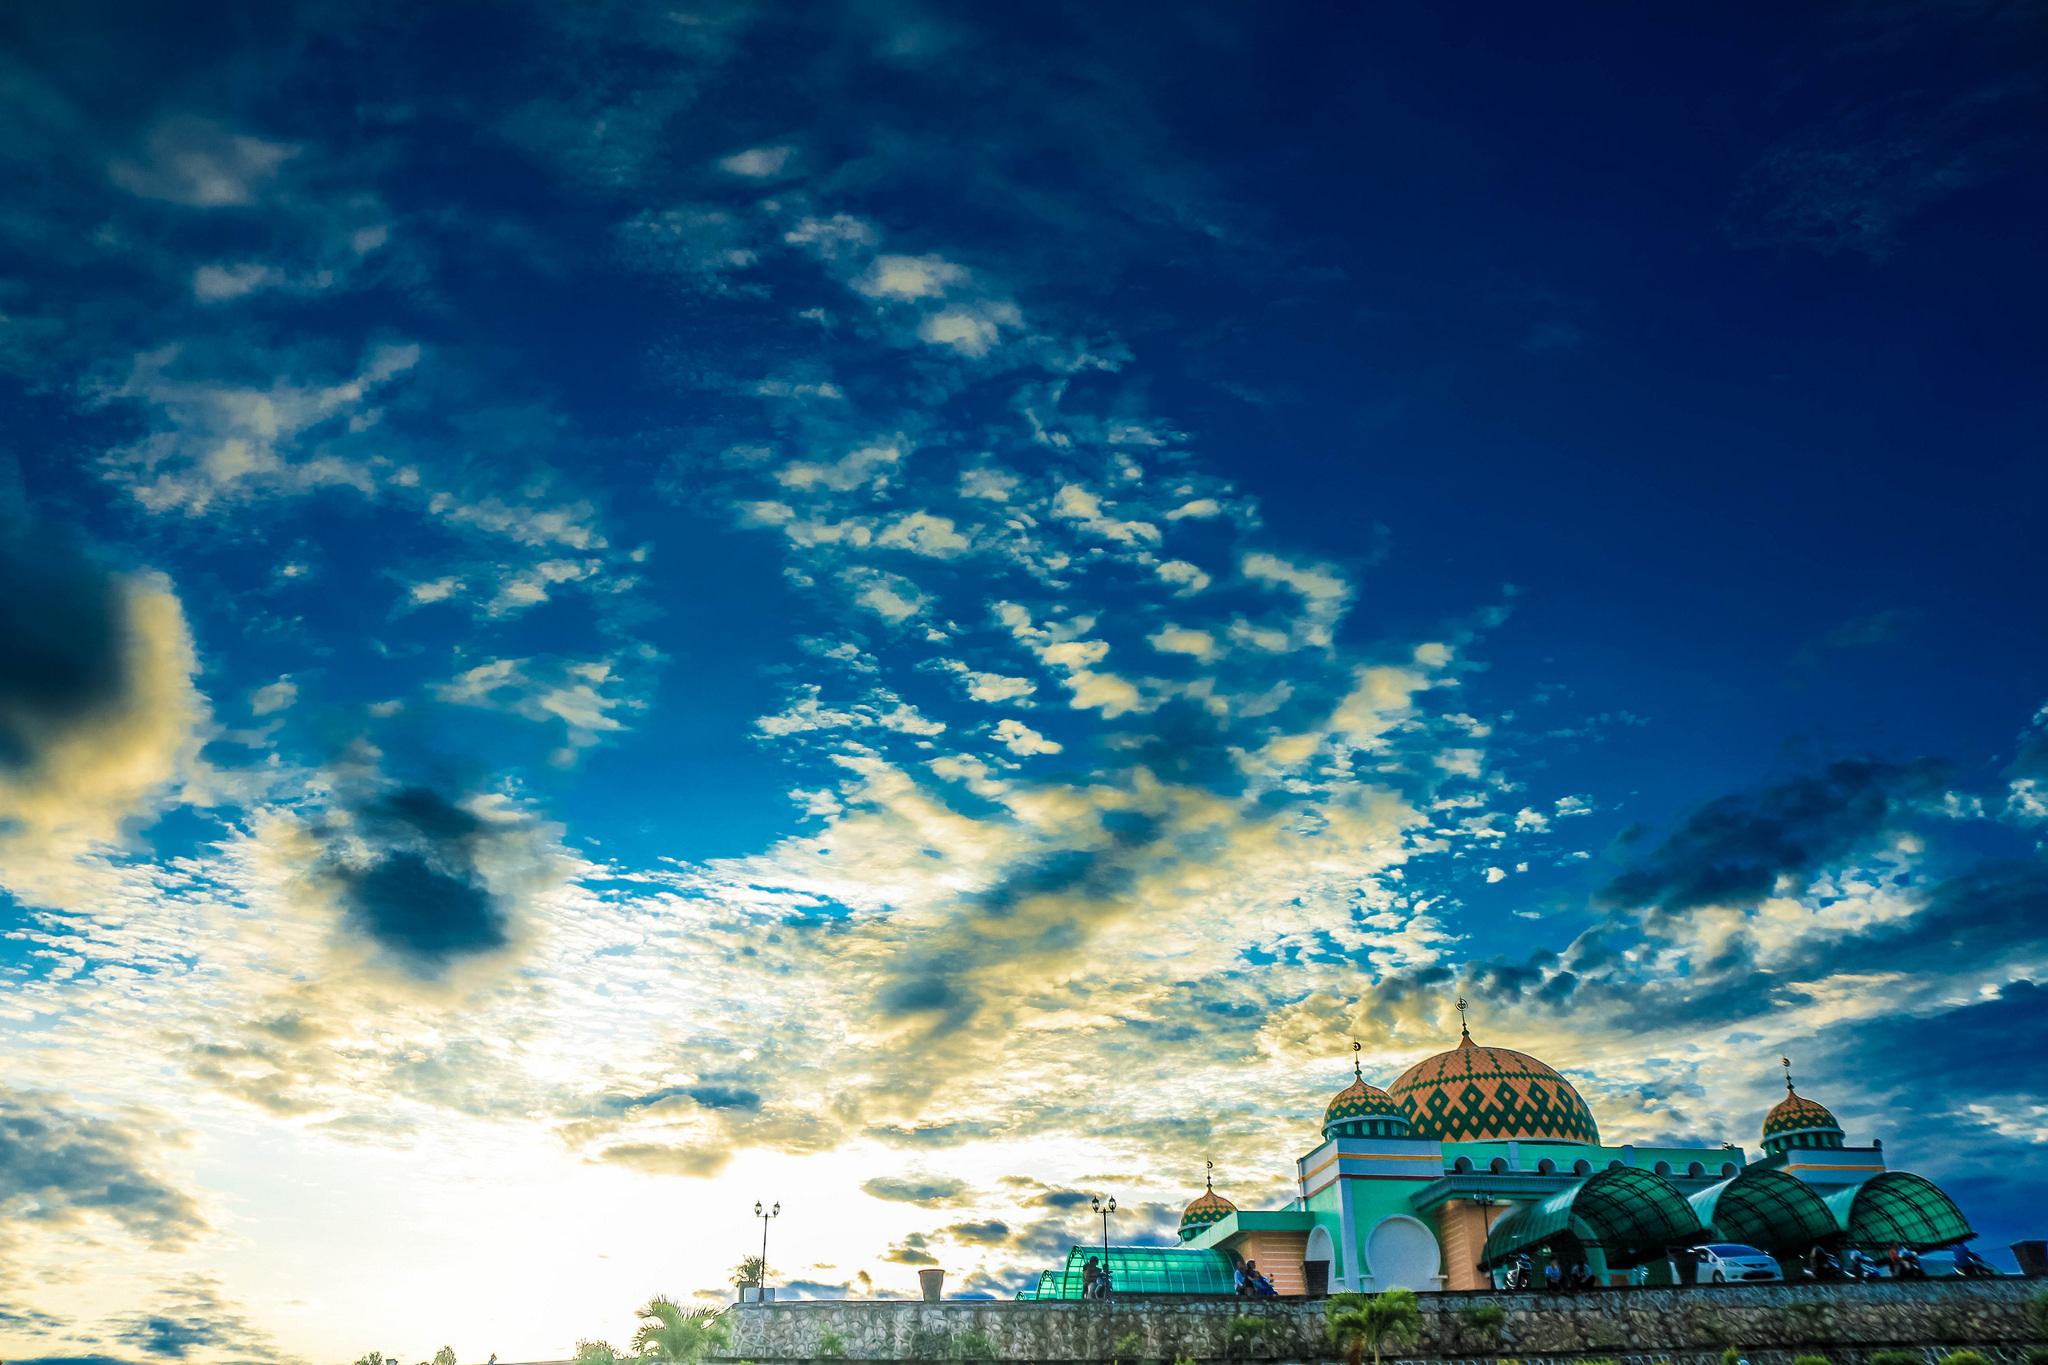 Tanjung Uban, Bintan - Riau Island